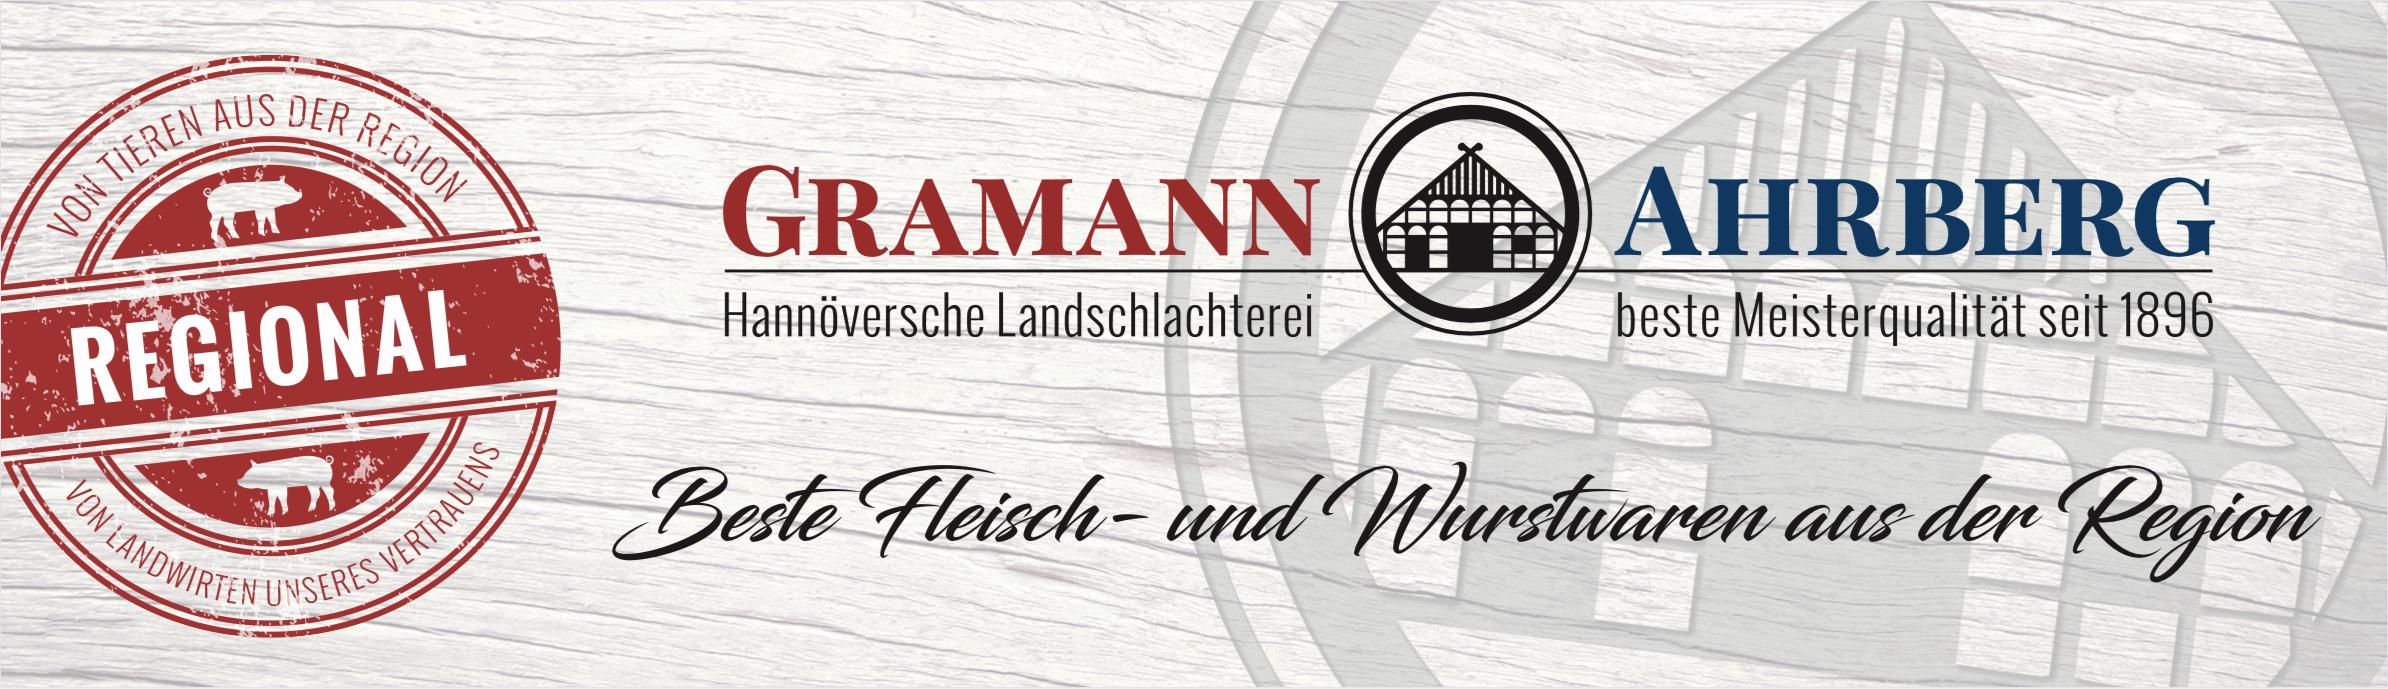 Gramann